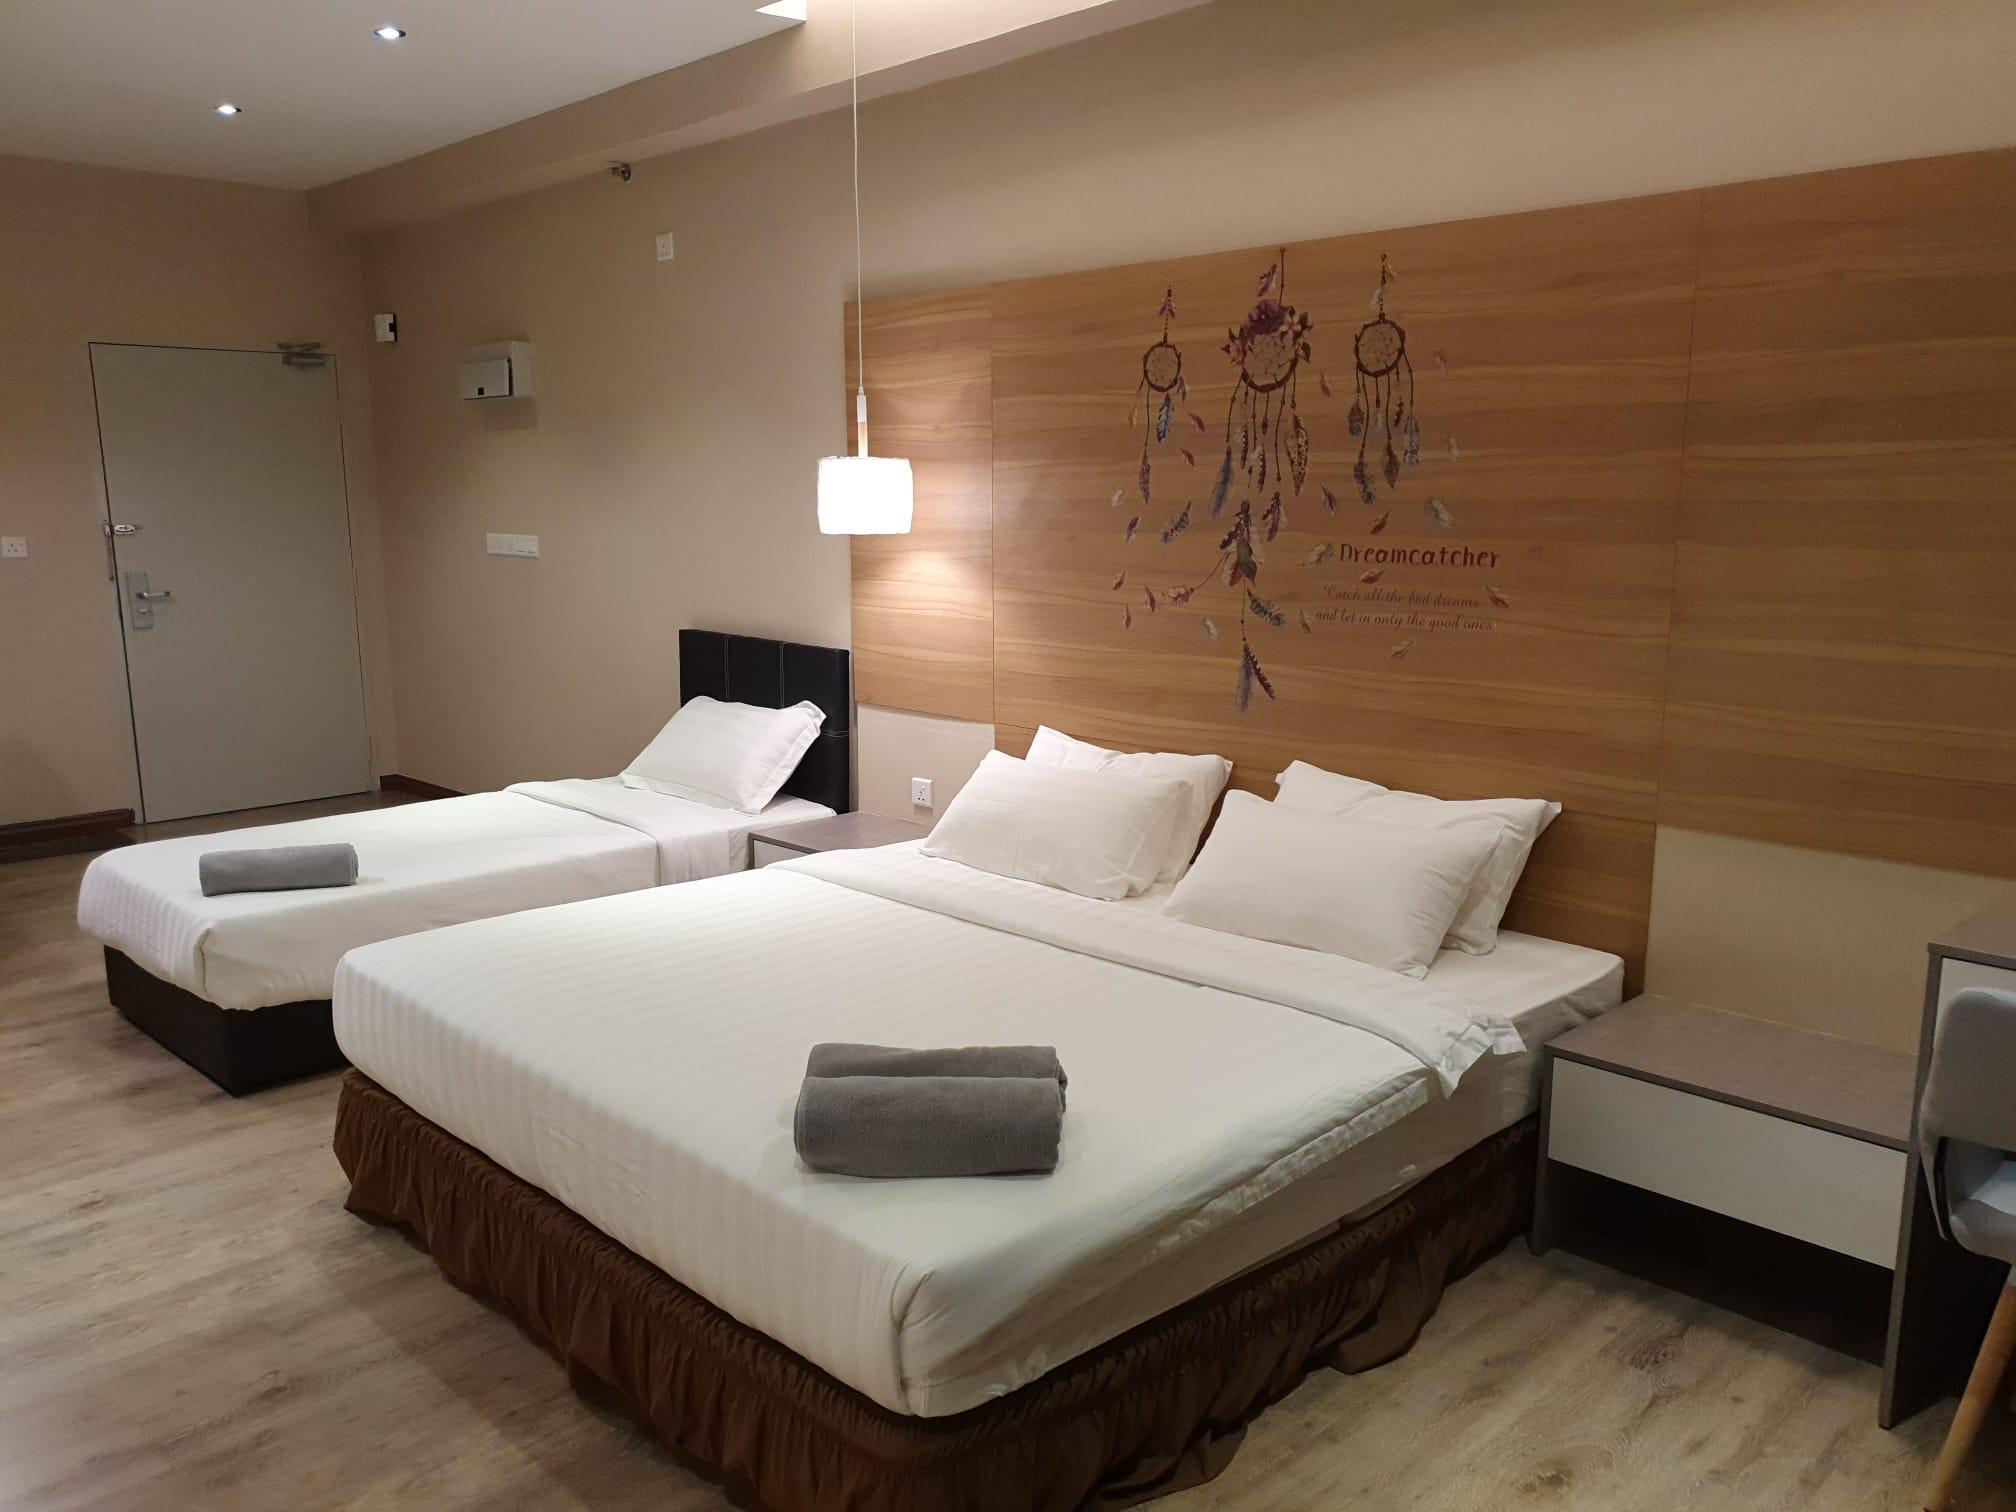 Aeropod KK Big Studio Room K1 6 1B @ Golden Suite